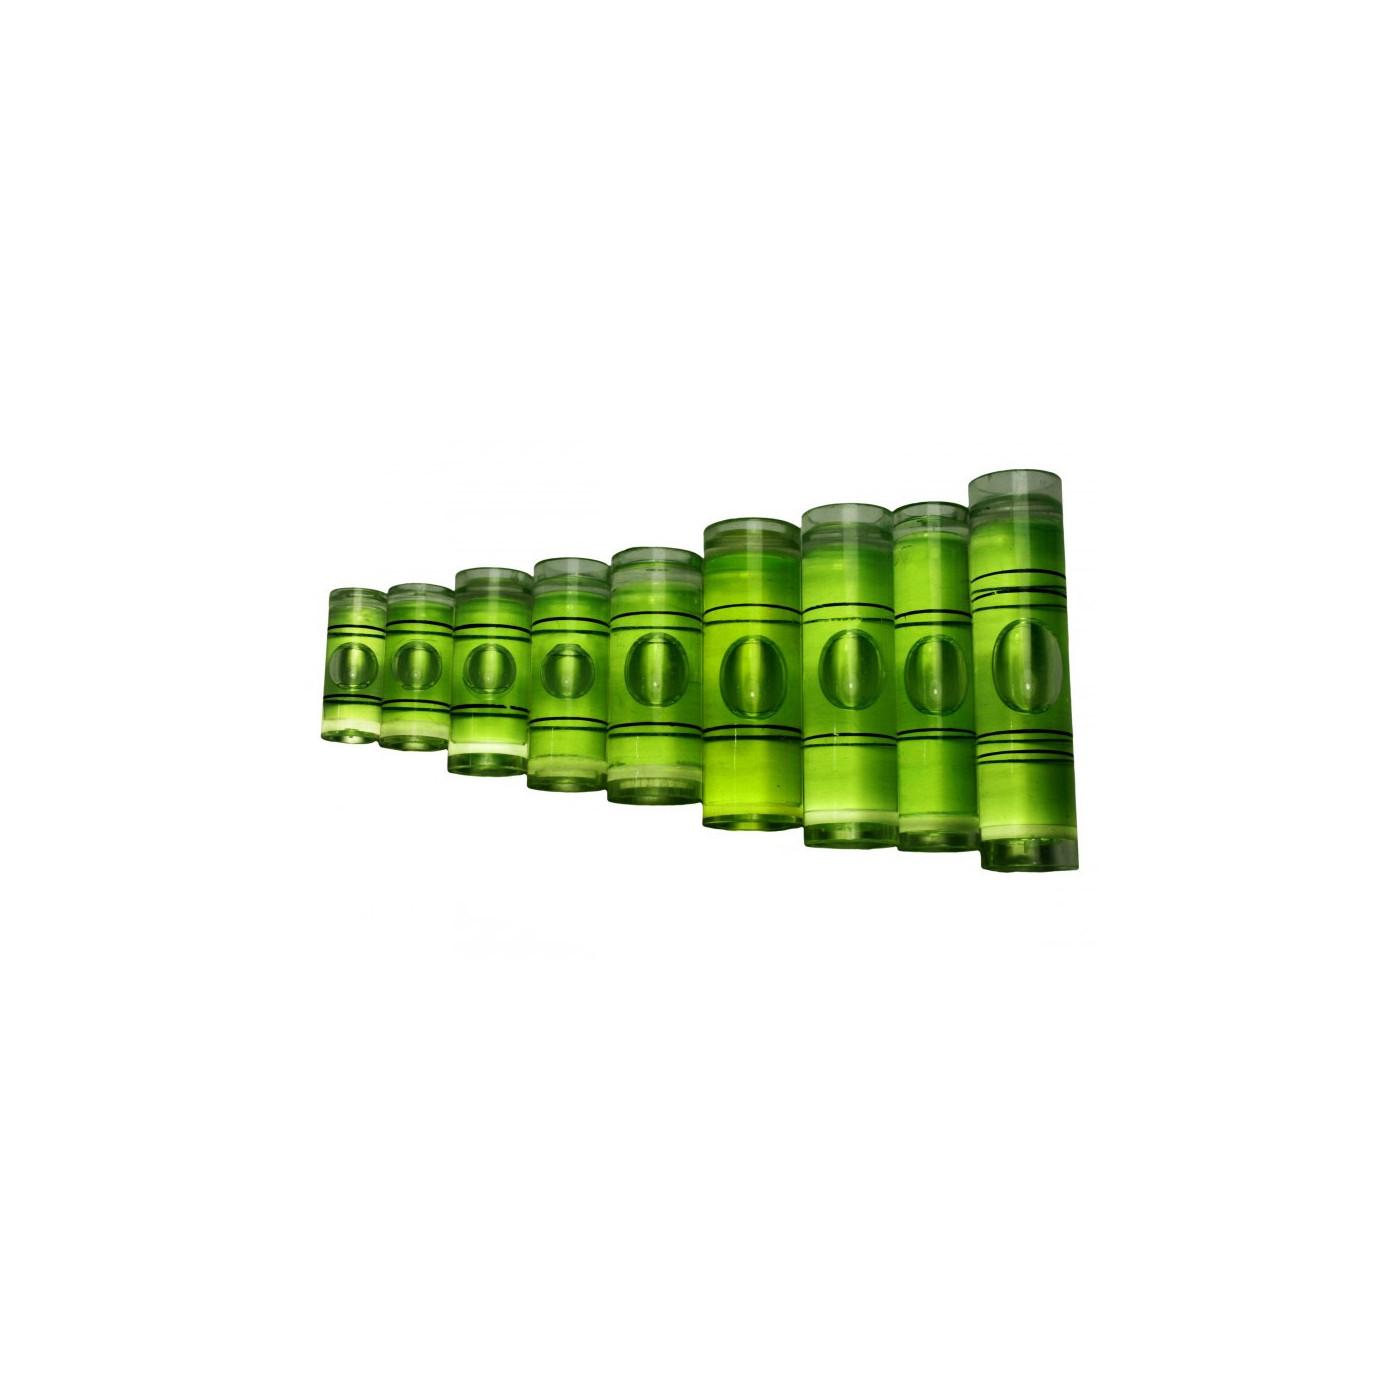 Conjunto de 20 frascos para níveis de bolha (tamanho 7, verde)  - 1